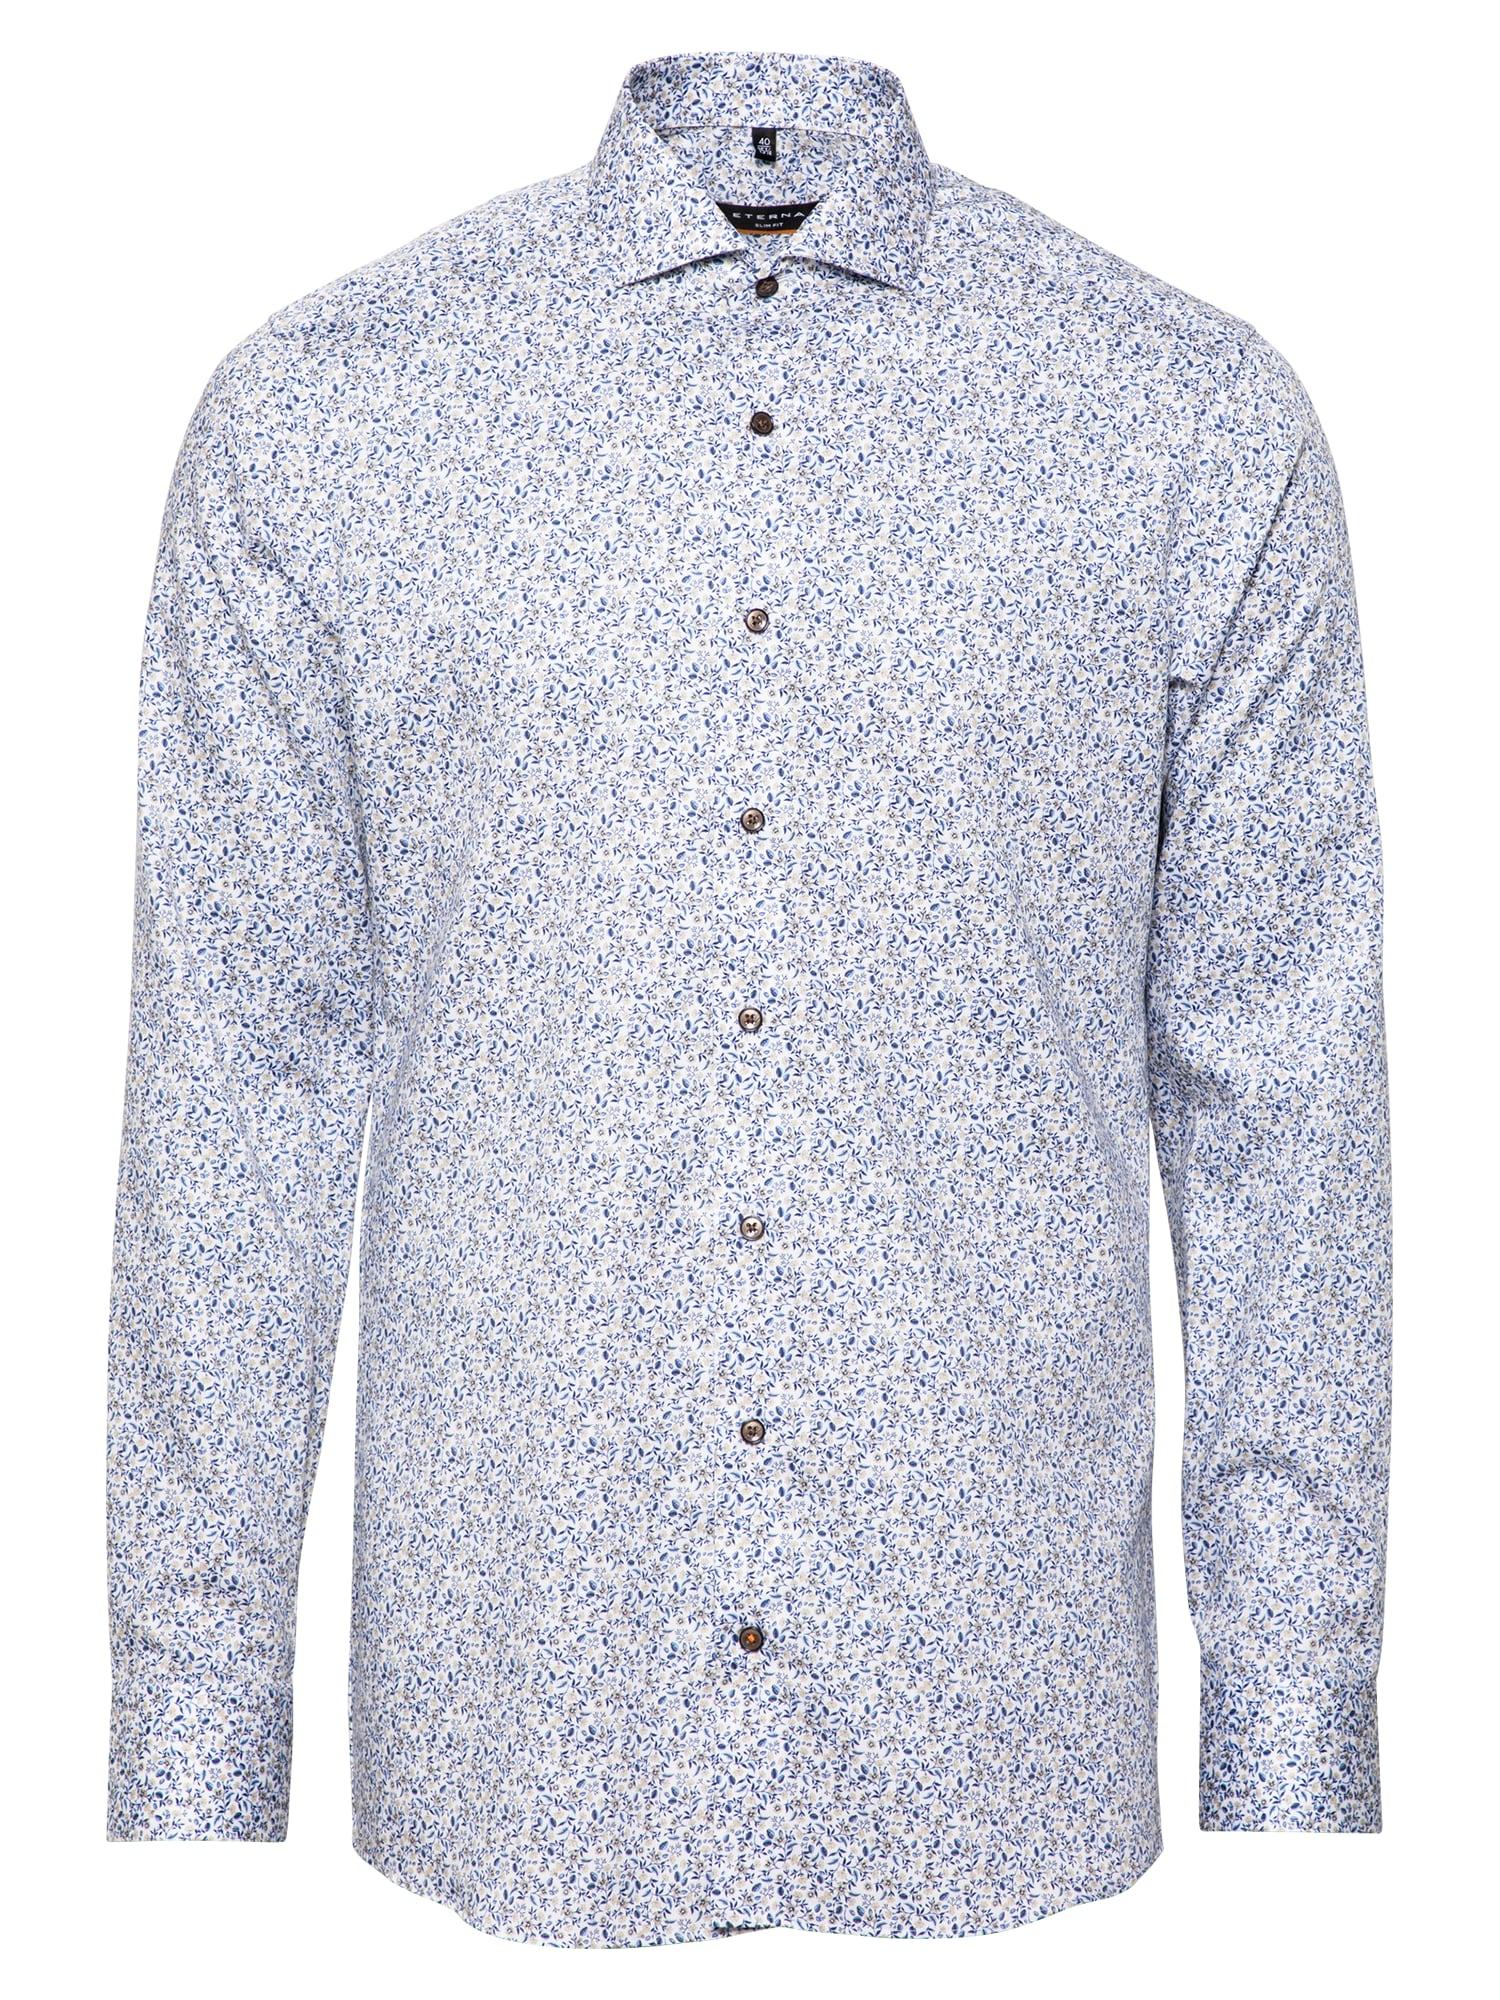 ETERNA Marškiniai smėlio spalva / gelsvai pilka spalva / tamsiai mėlyna / tamsiai mėlyna